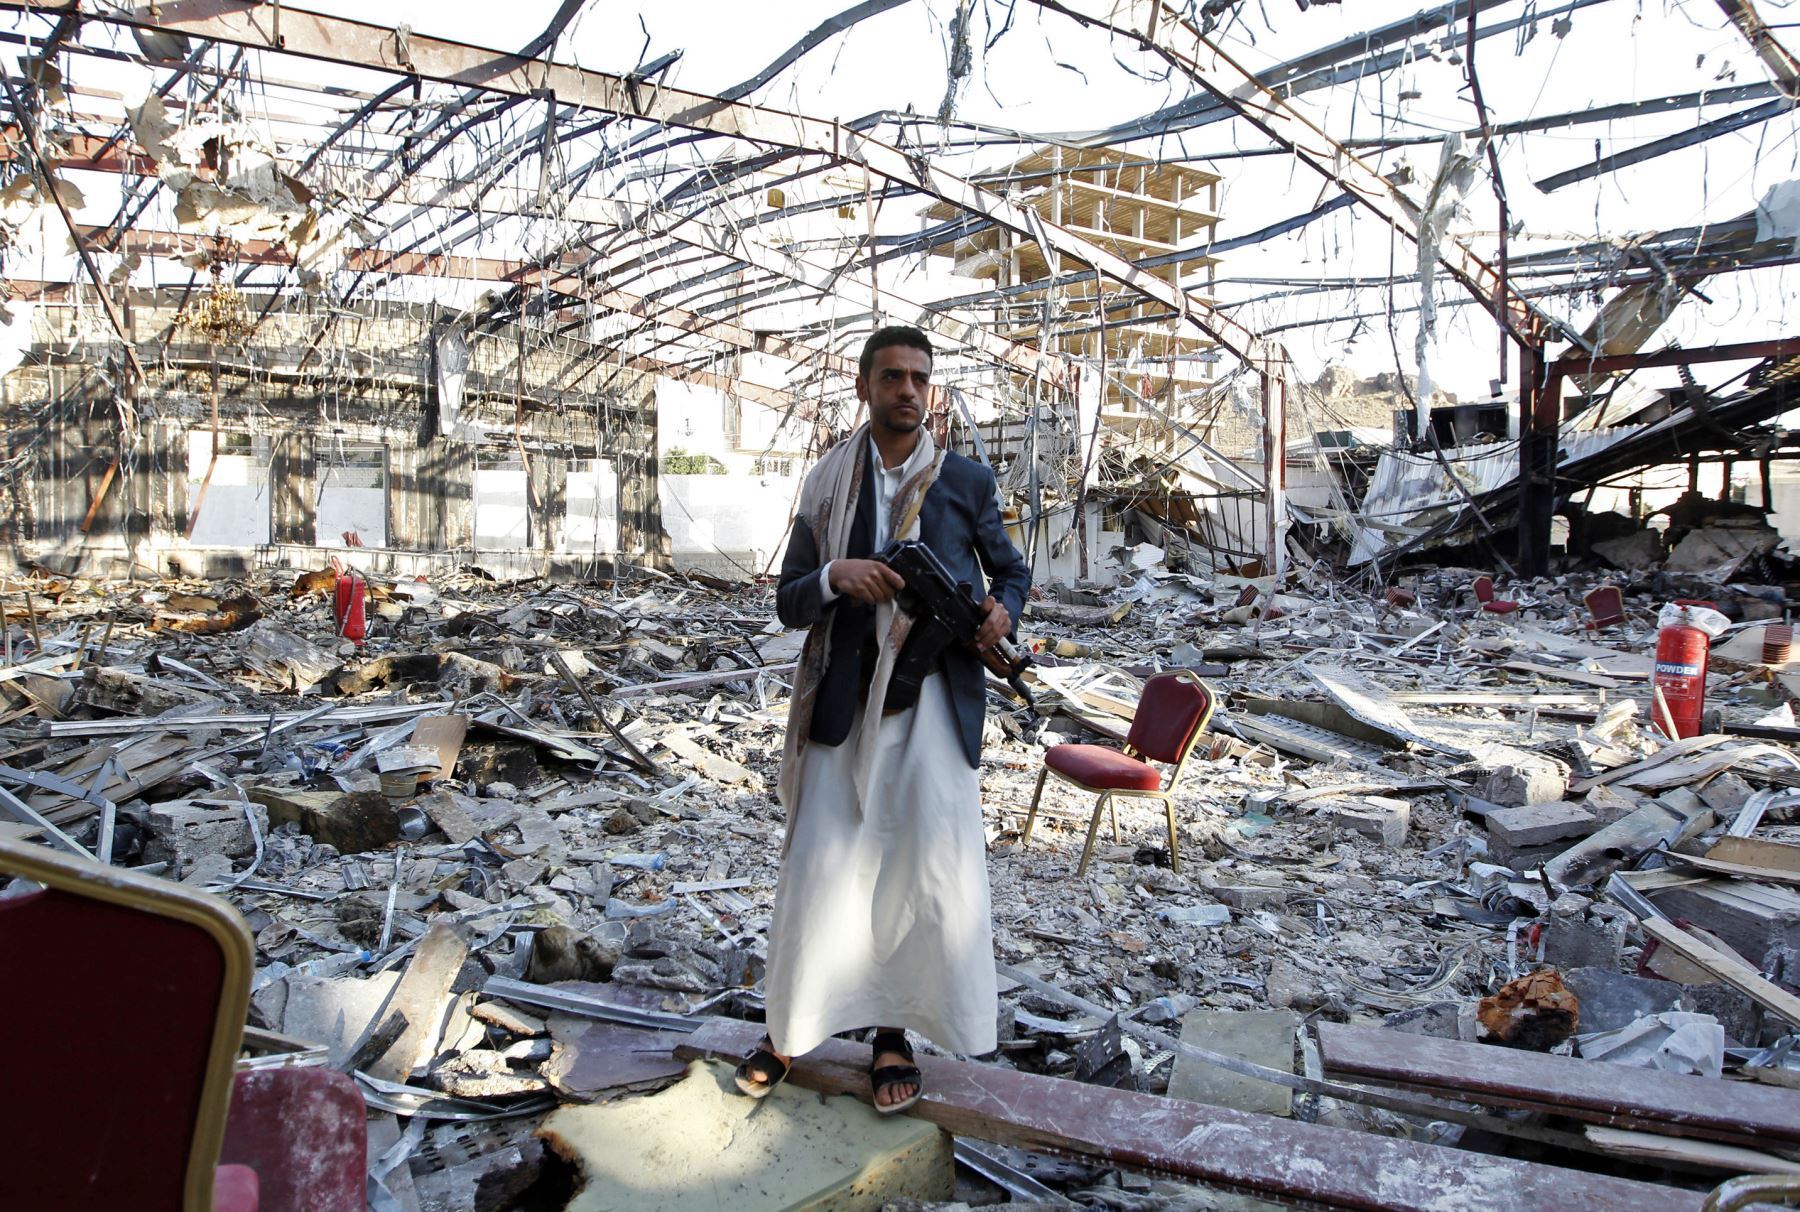 Un hombre de Yemen se encuentra en el sitio de un ataque aéreo donde murieron 140 personas. Foto: AFP